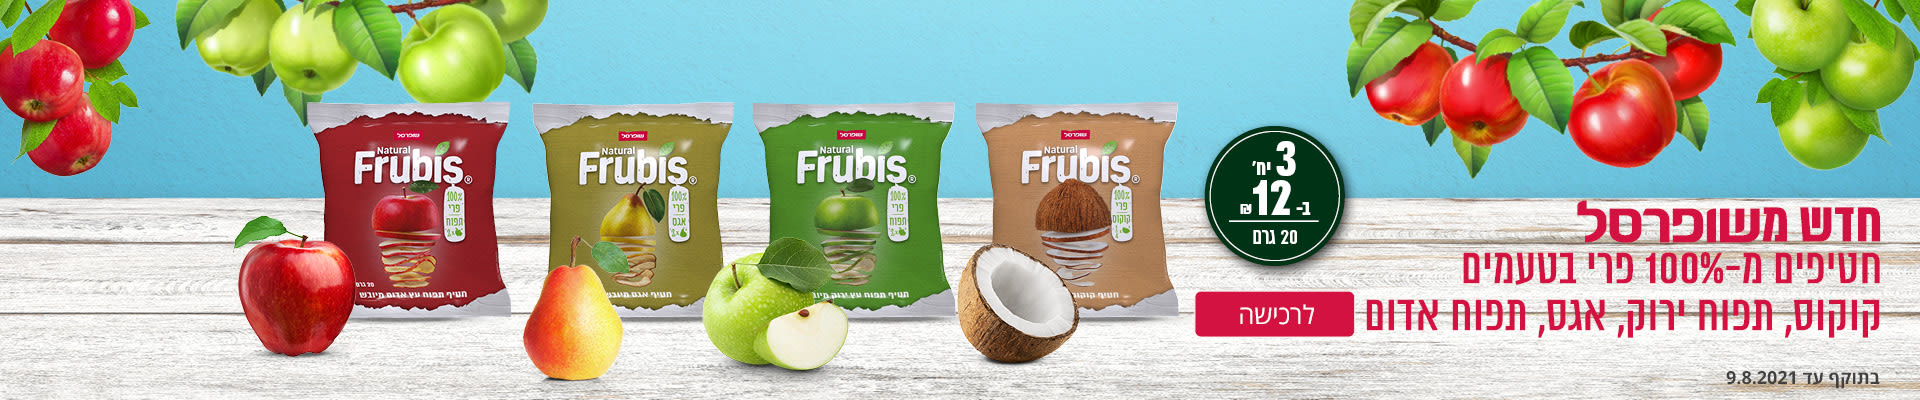 חדש משופרסל חטיפים מ- 100% פרי בטעמים קוקוס, תפוח ירוק, אגס, תפוח אדום 3 יח' ב-12 ₪ 20 גרם לרכישה בתוקף עד 9.8.2021